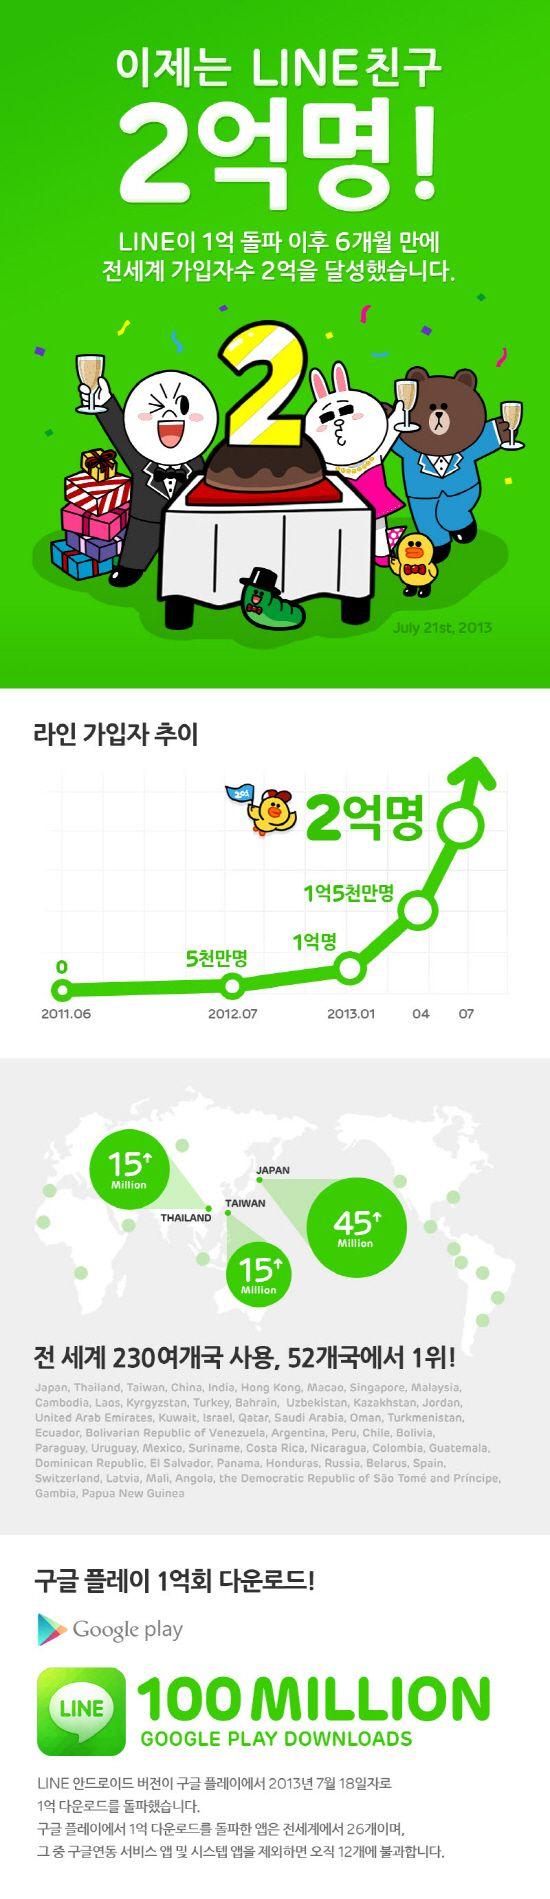 '라인(LINE)', 전세계 가입자수 2억 명 돌파 - 게임톡